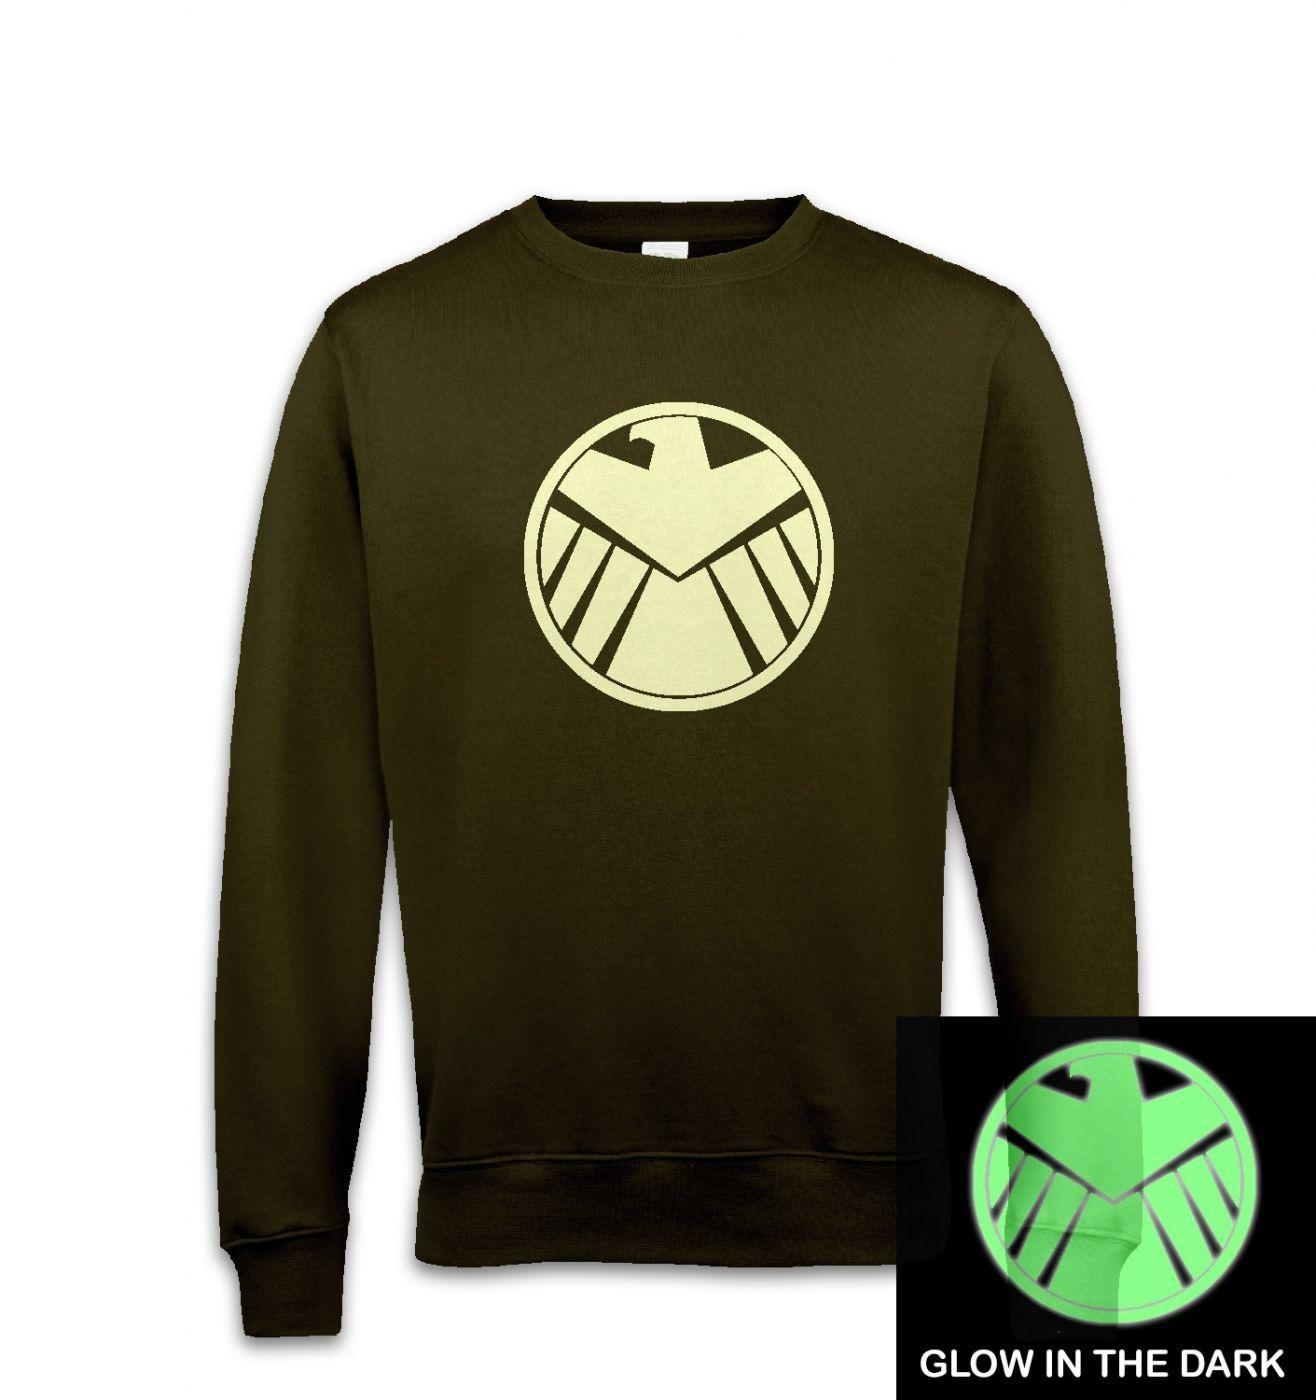 Shield (glow in the dark) sweatshirt